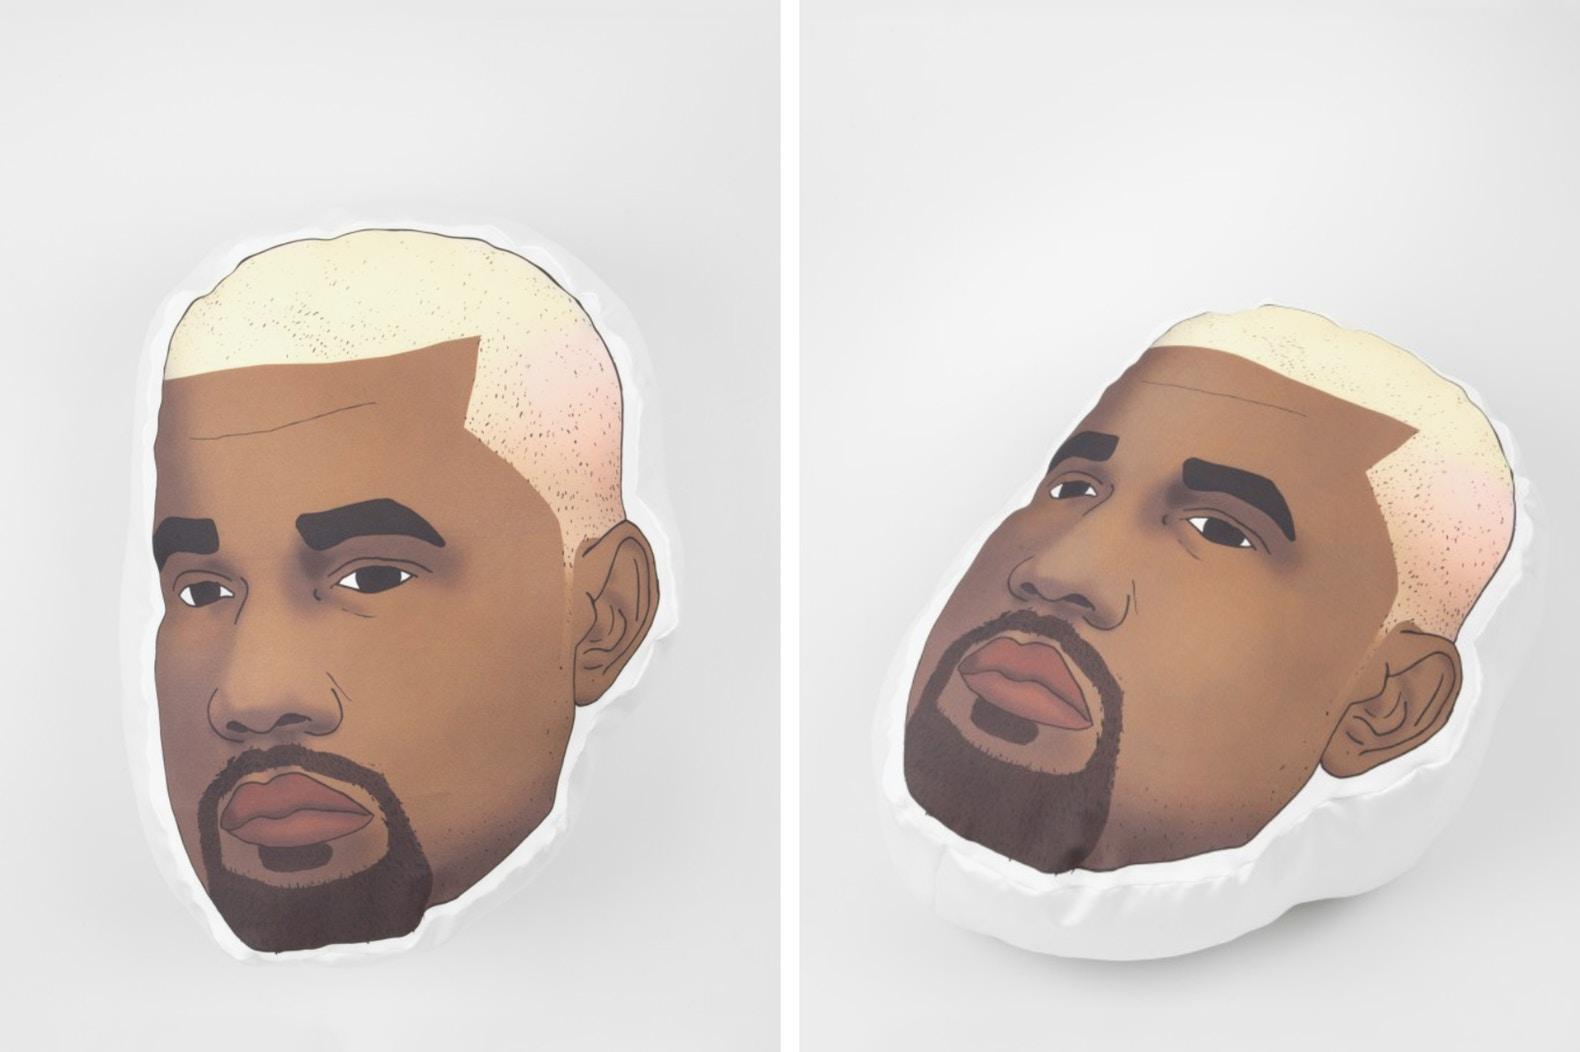 http-%2F%2Fhypebeast.com%2Fimage%2F2017%2F10%2Fdrake-kanye-west-asap-rocky-soft-ass-rapper-pillows-1 (1).jpg